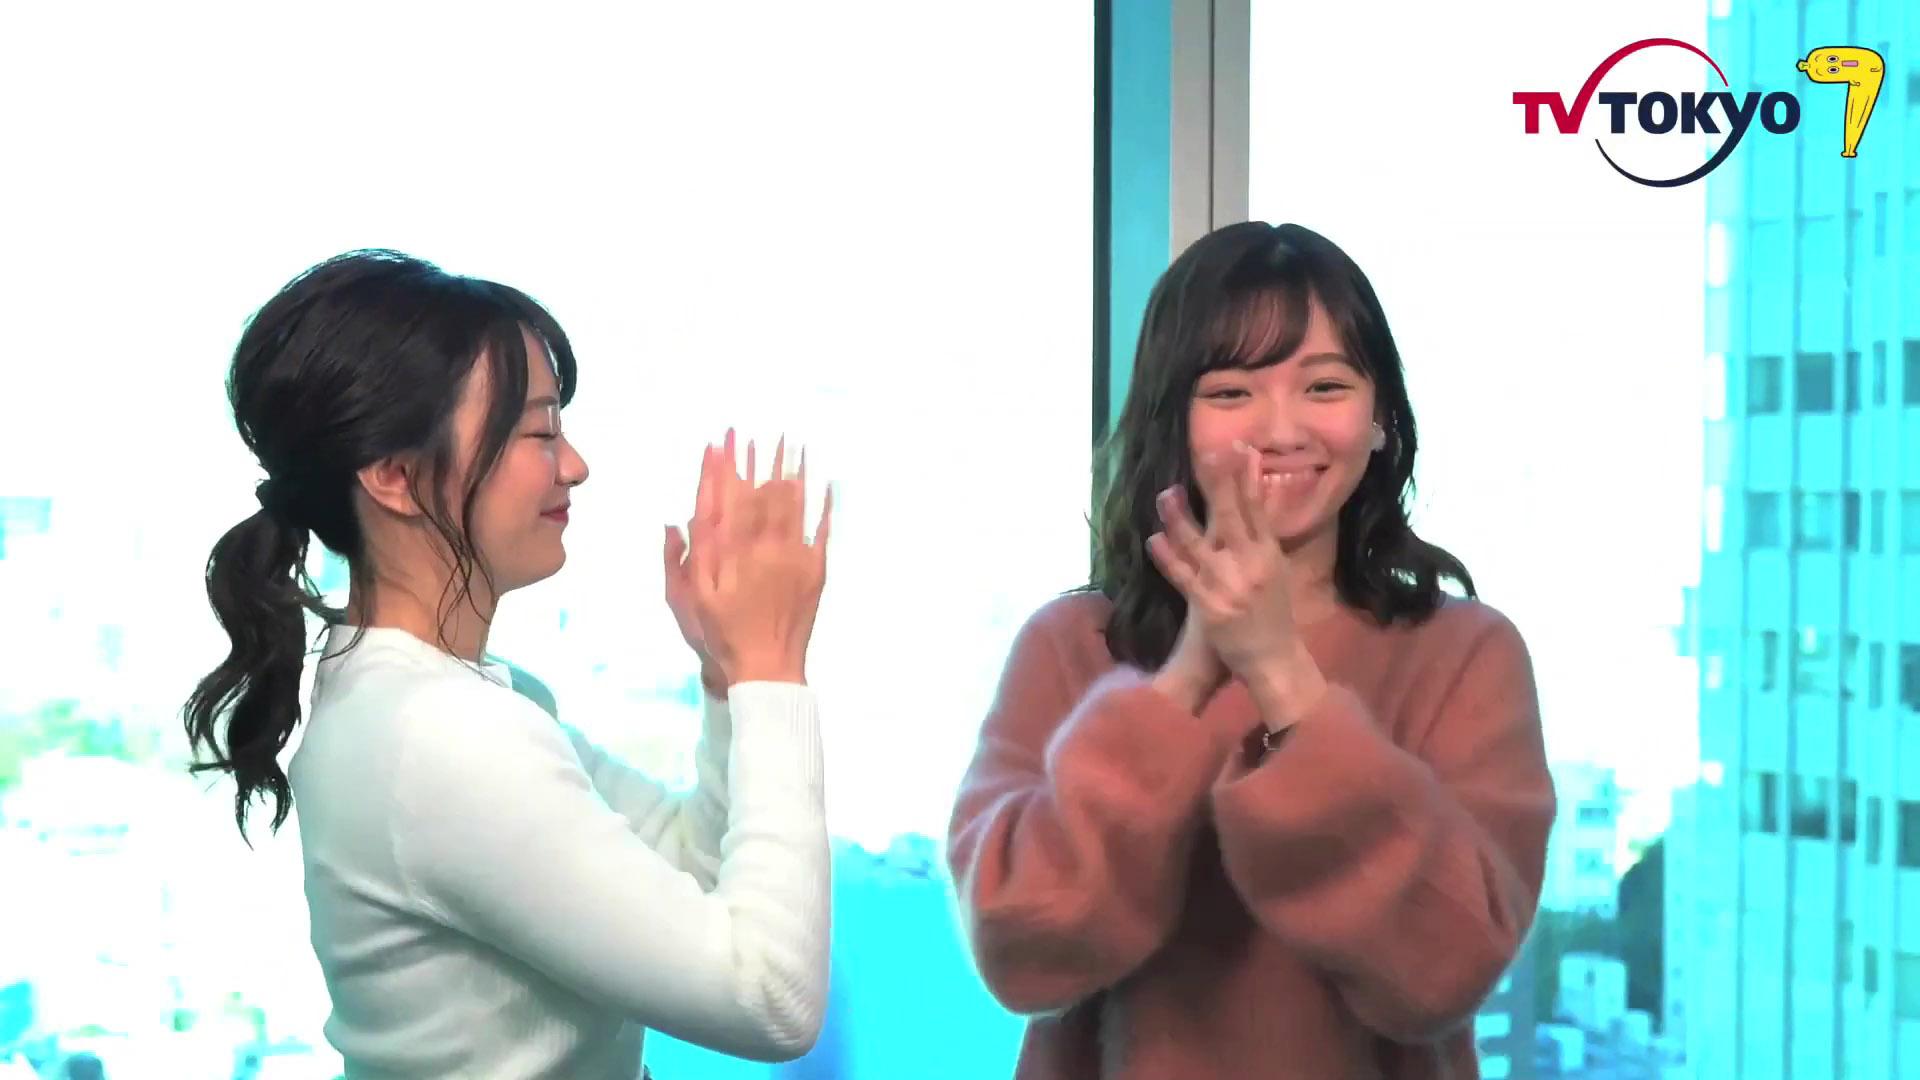 森香澄_田中瞳_女子アナ_テレ東_テレビキャプ画像_07